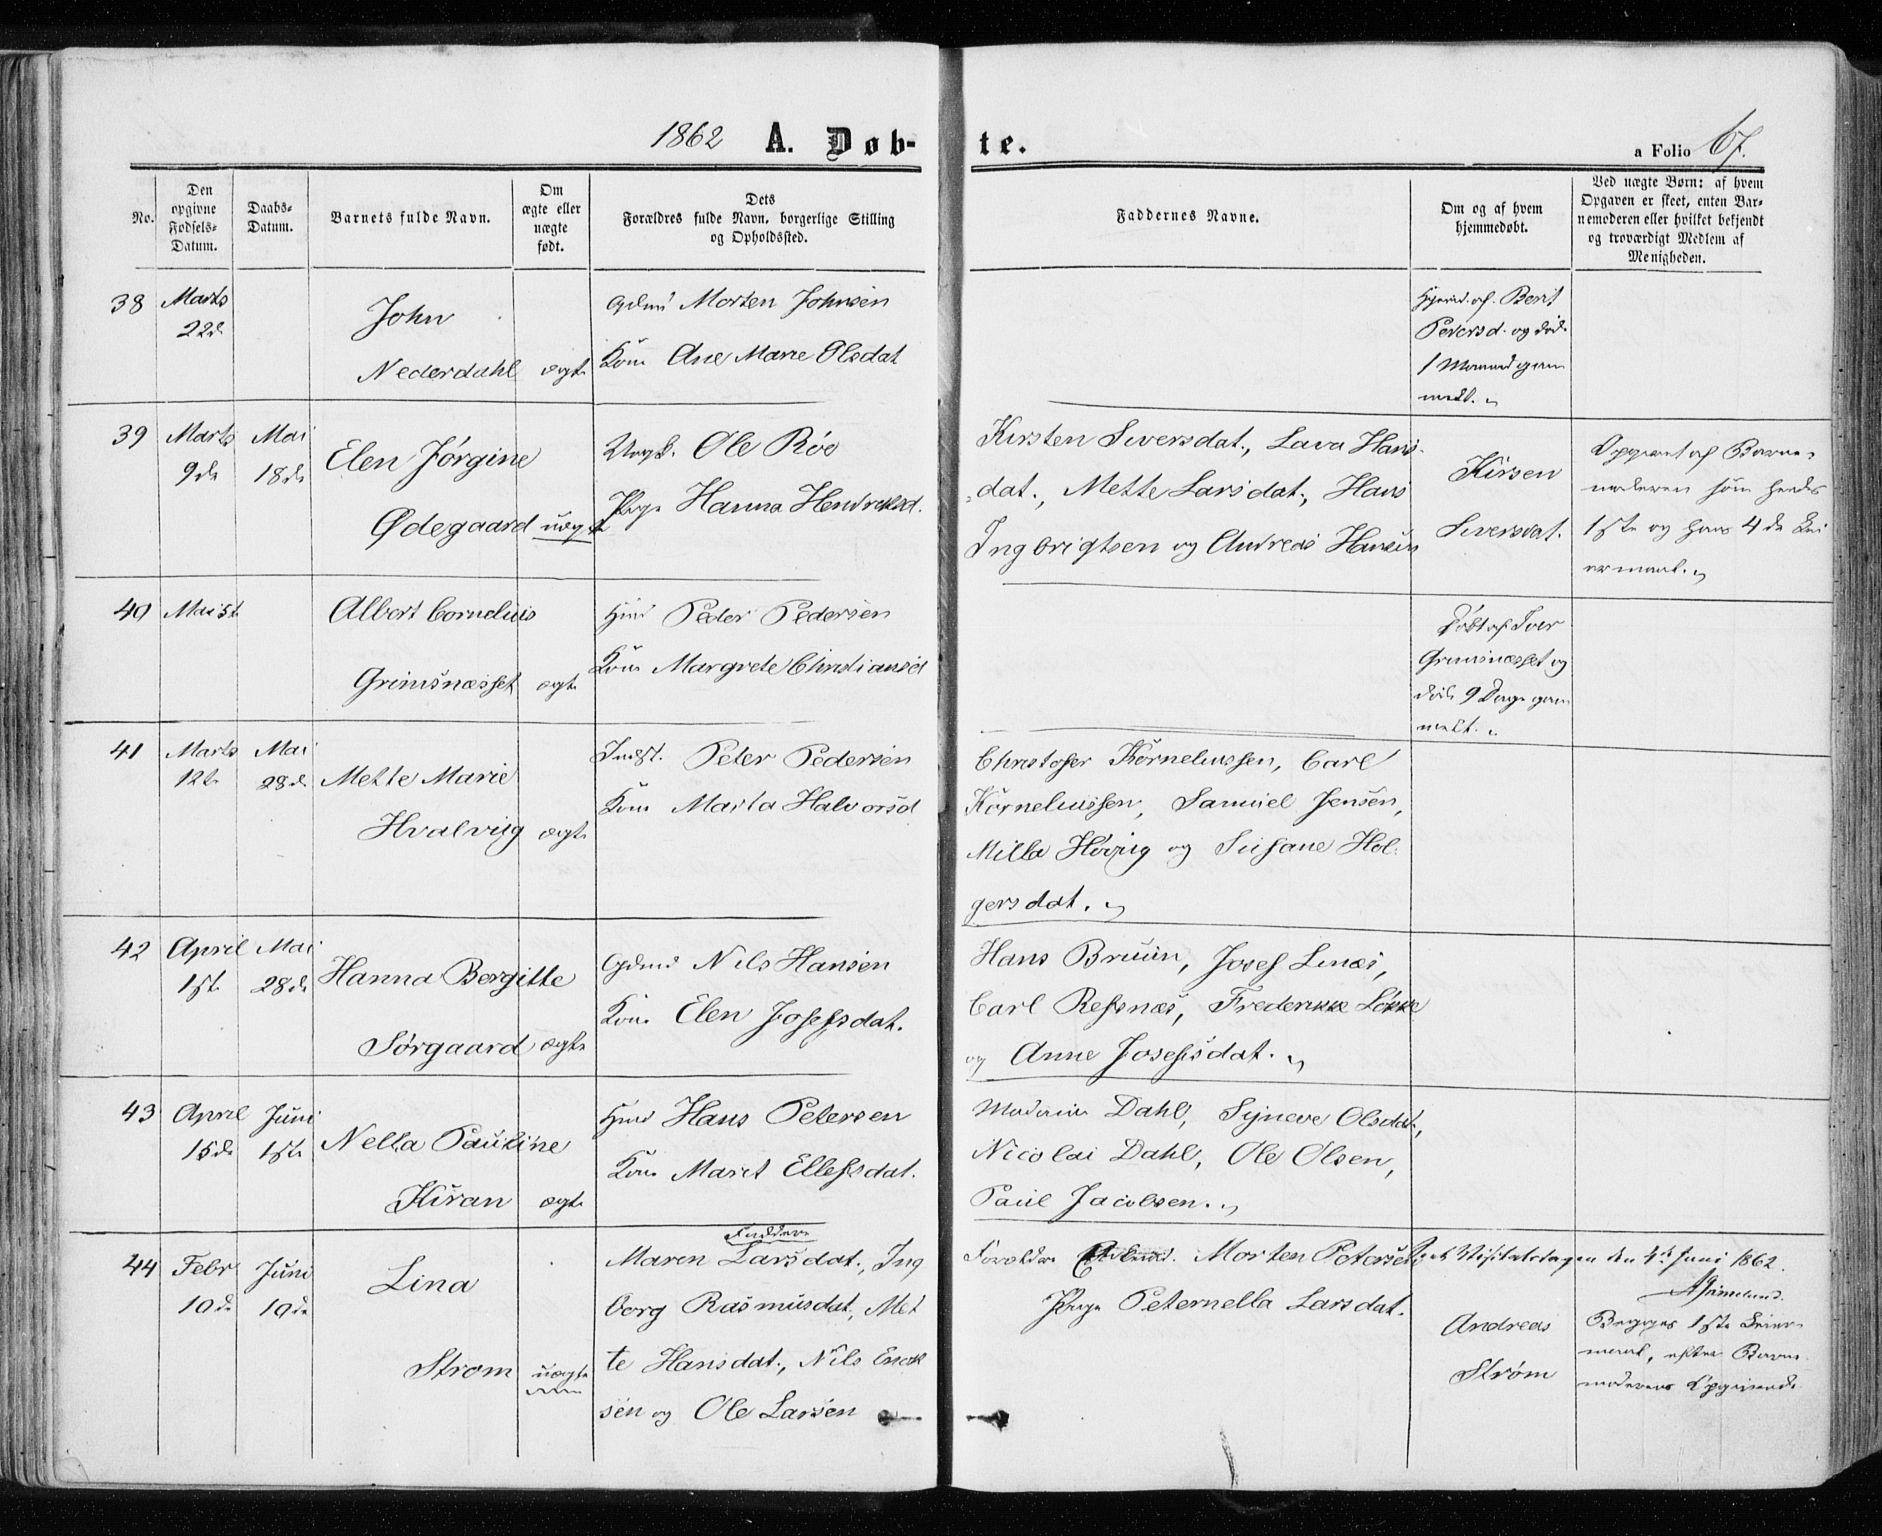 SAT, Ministerialprotokoller, klokkerbøker og fødselsregistre - Sør-Trøndelag, 657/L0705: Ministerialbok nr. 657A06, 1858-1867, s. 67